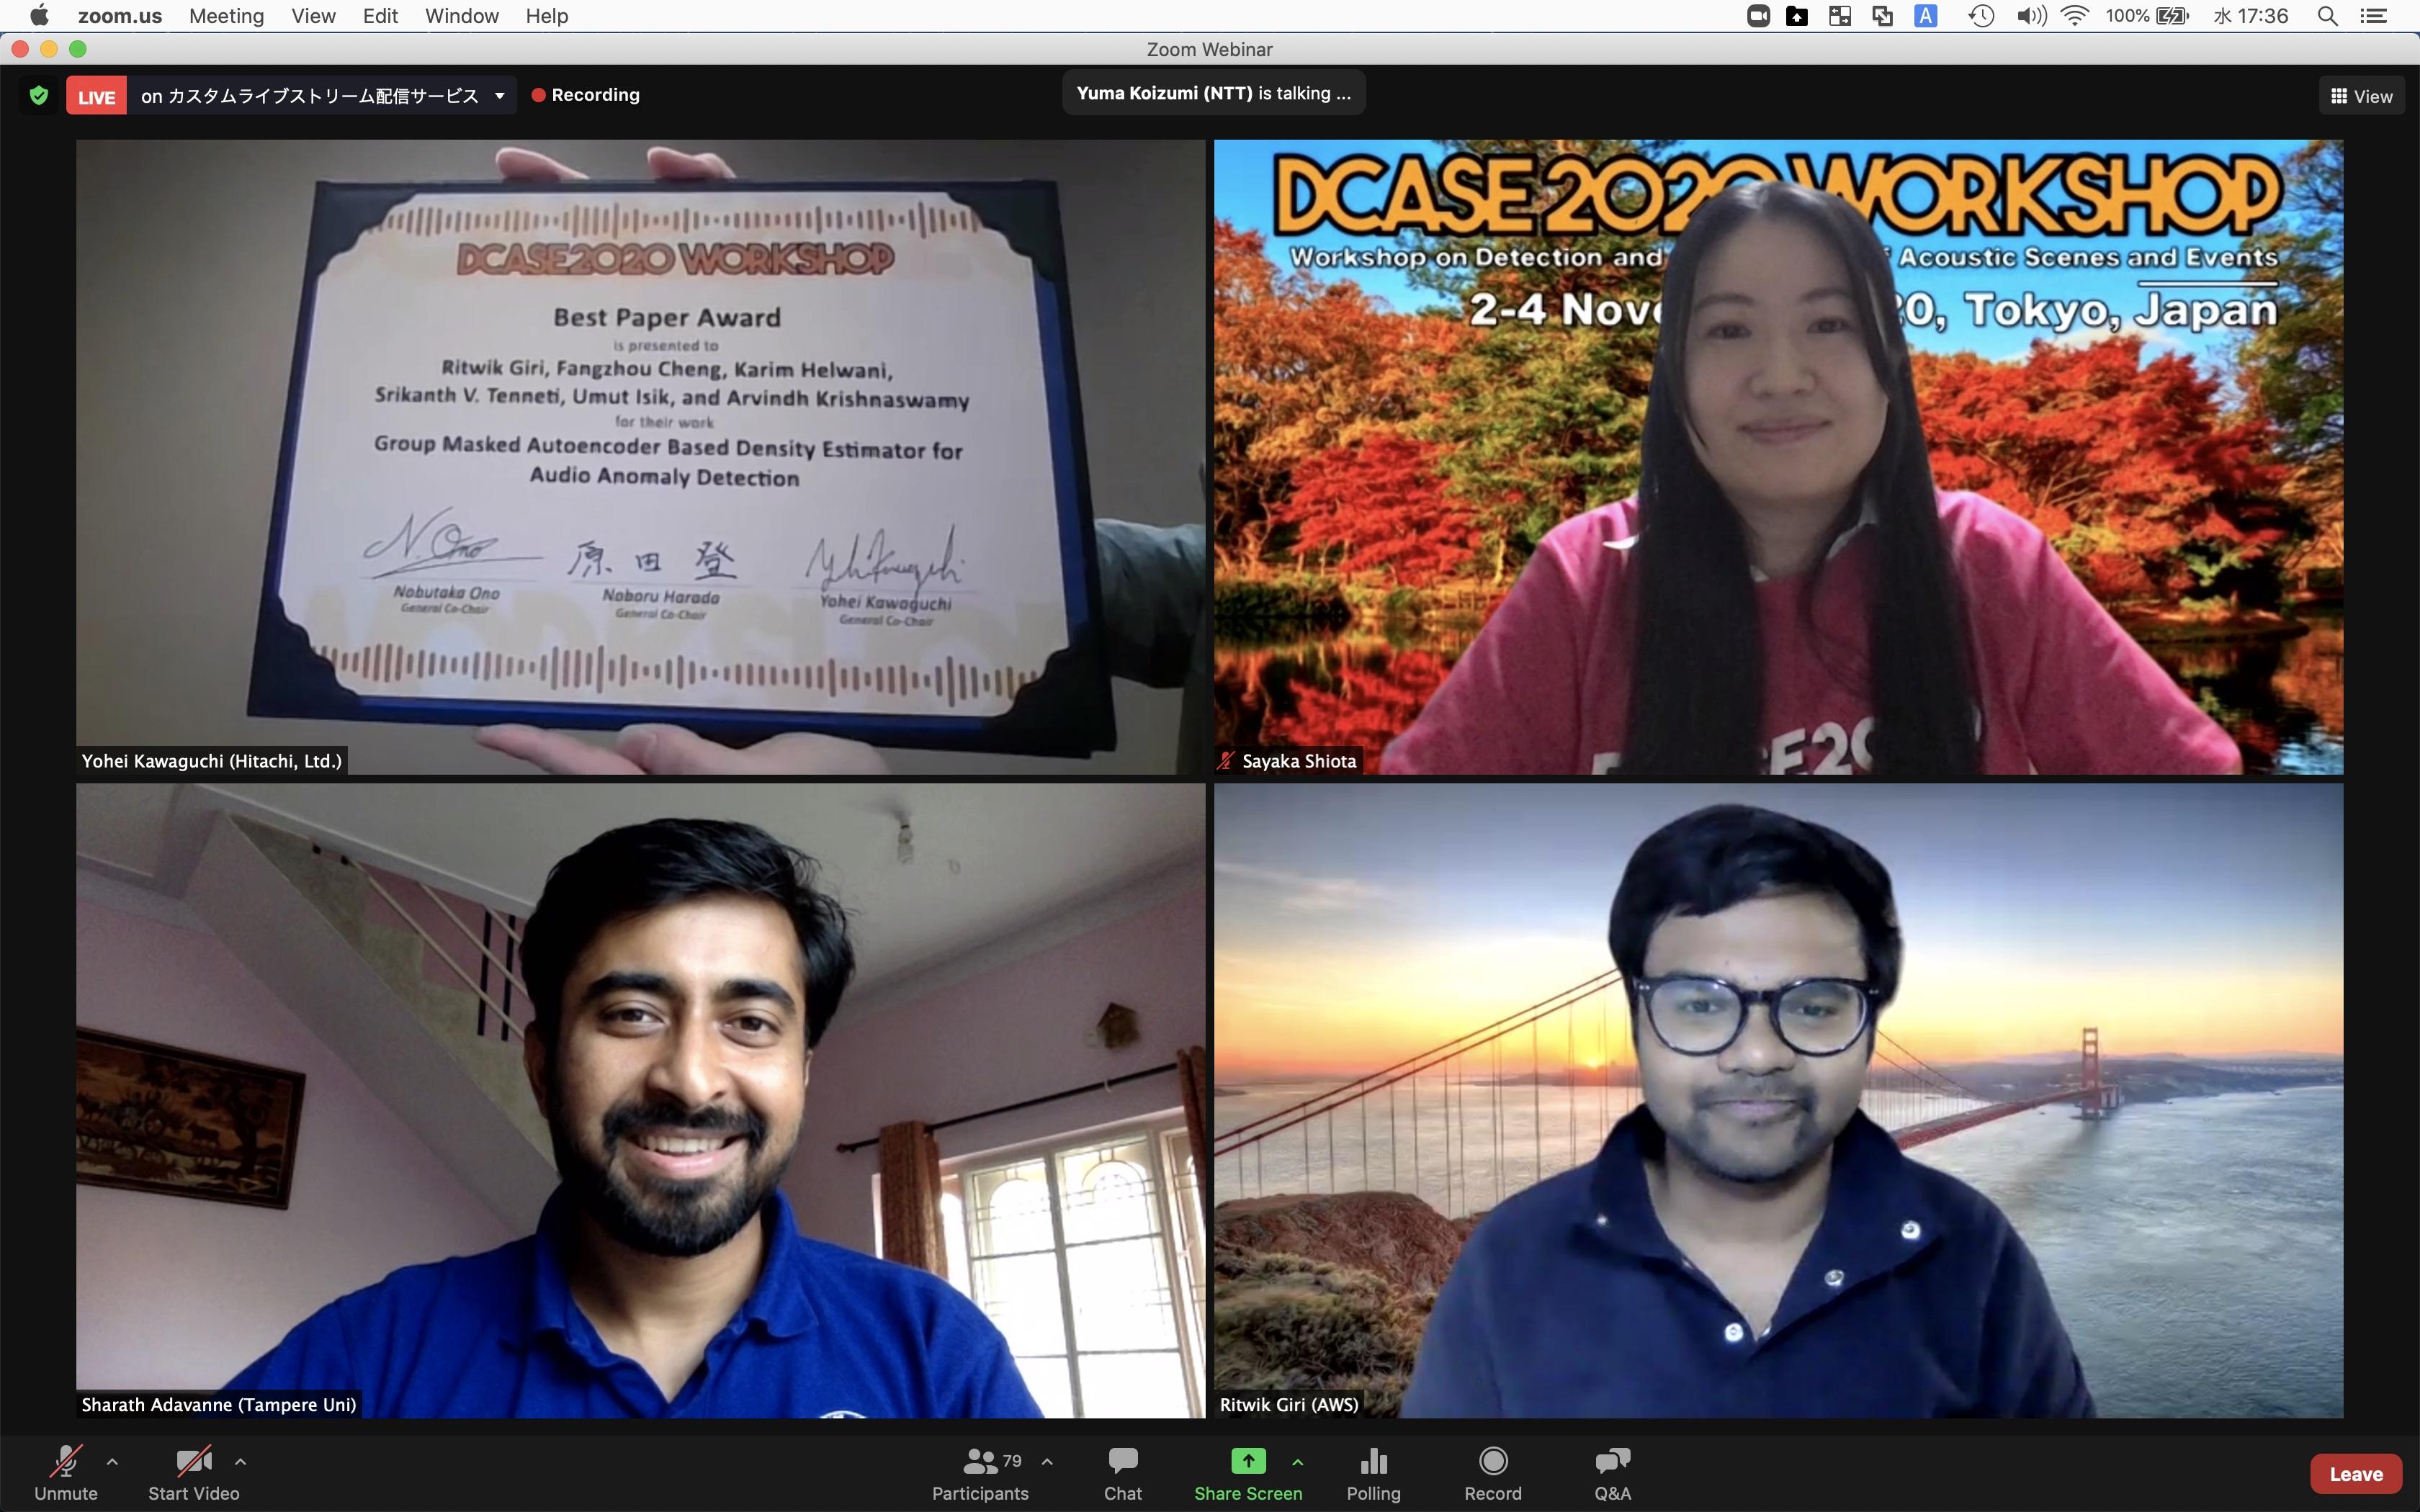 DCASE 2020 Best Paper Award